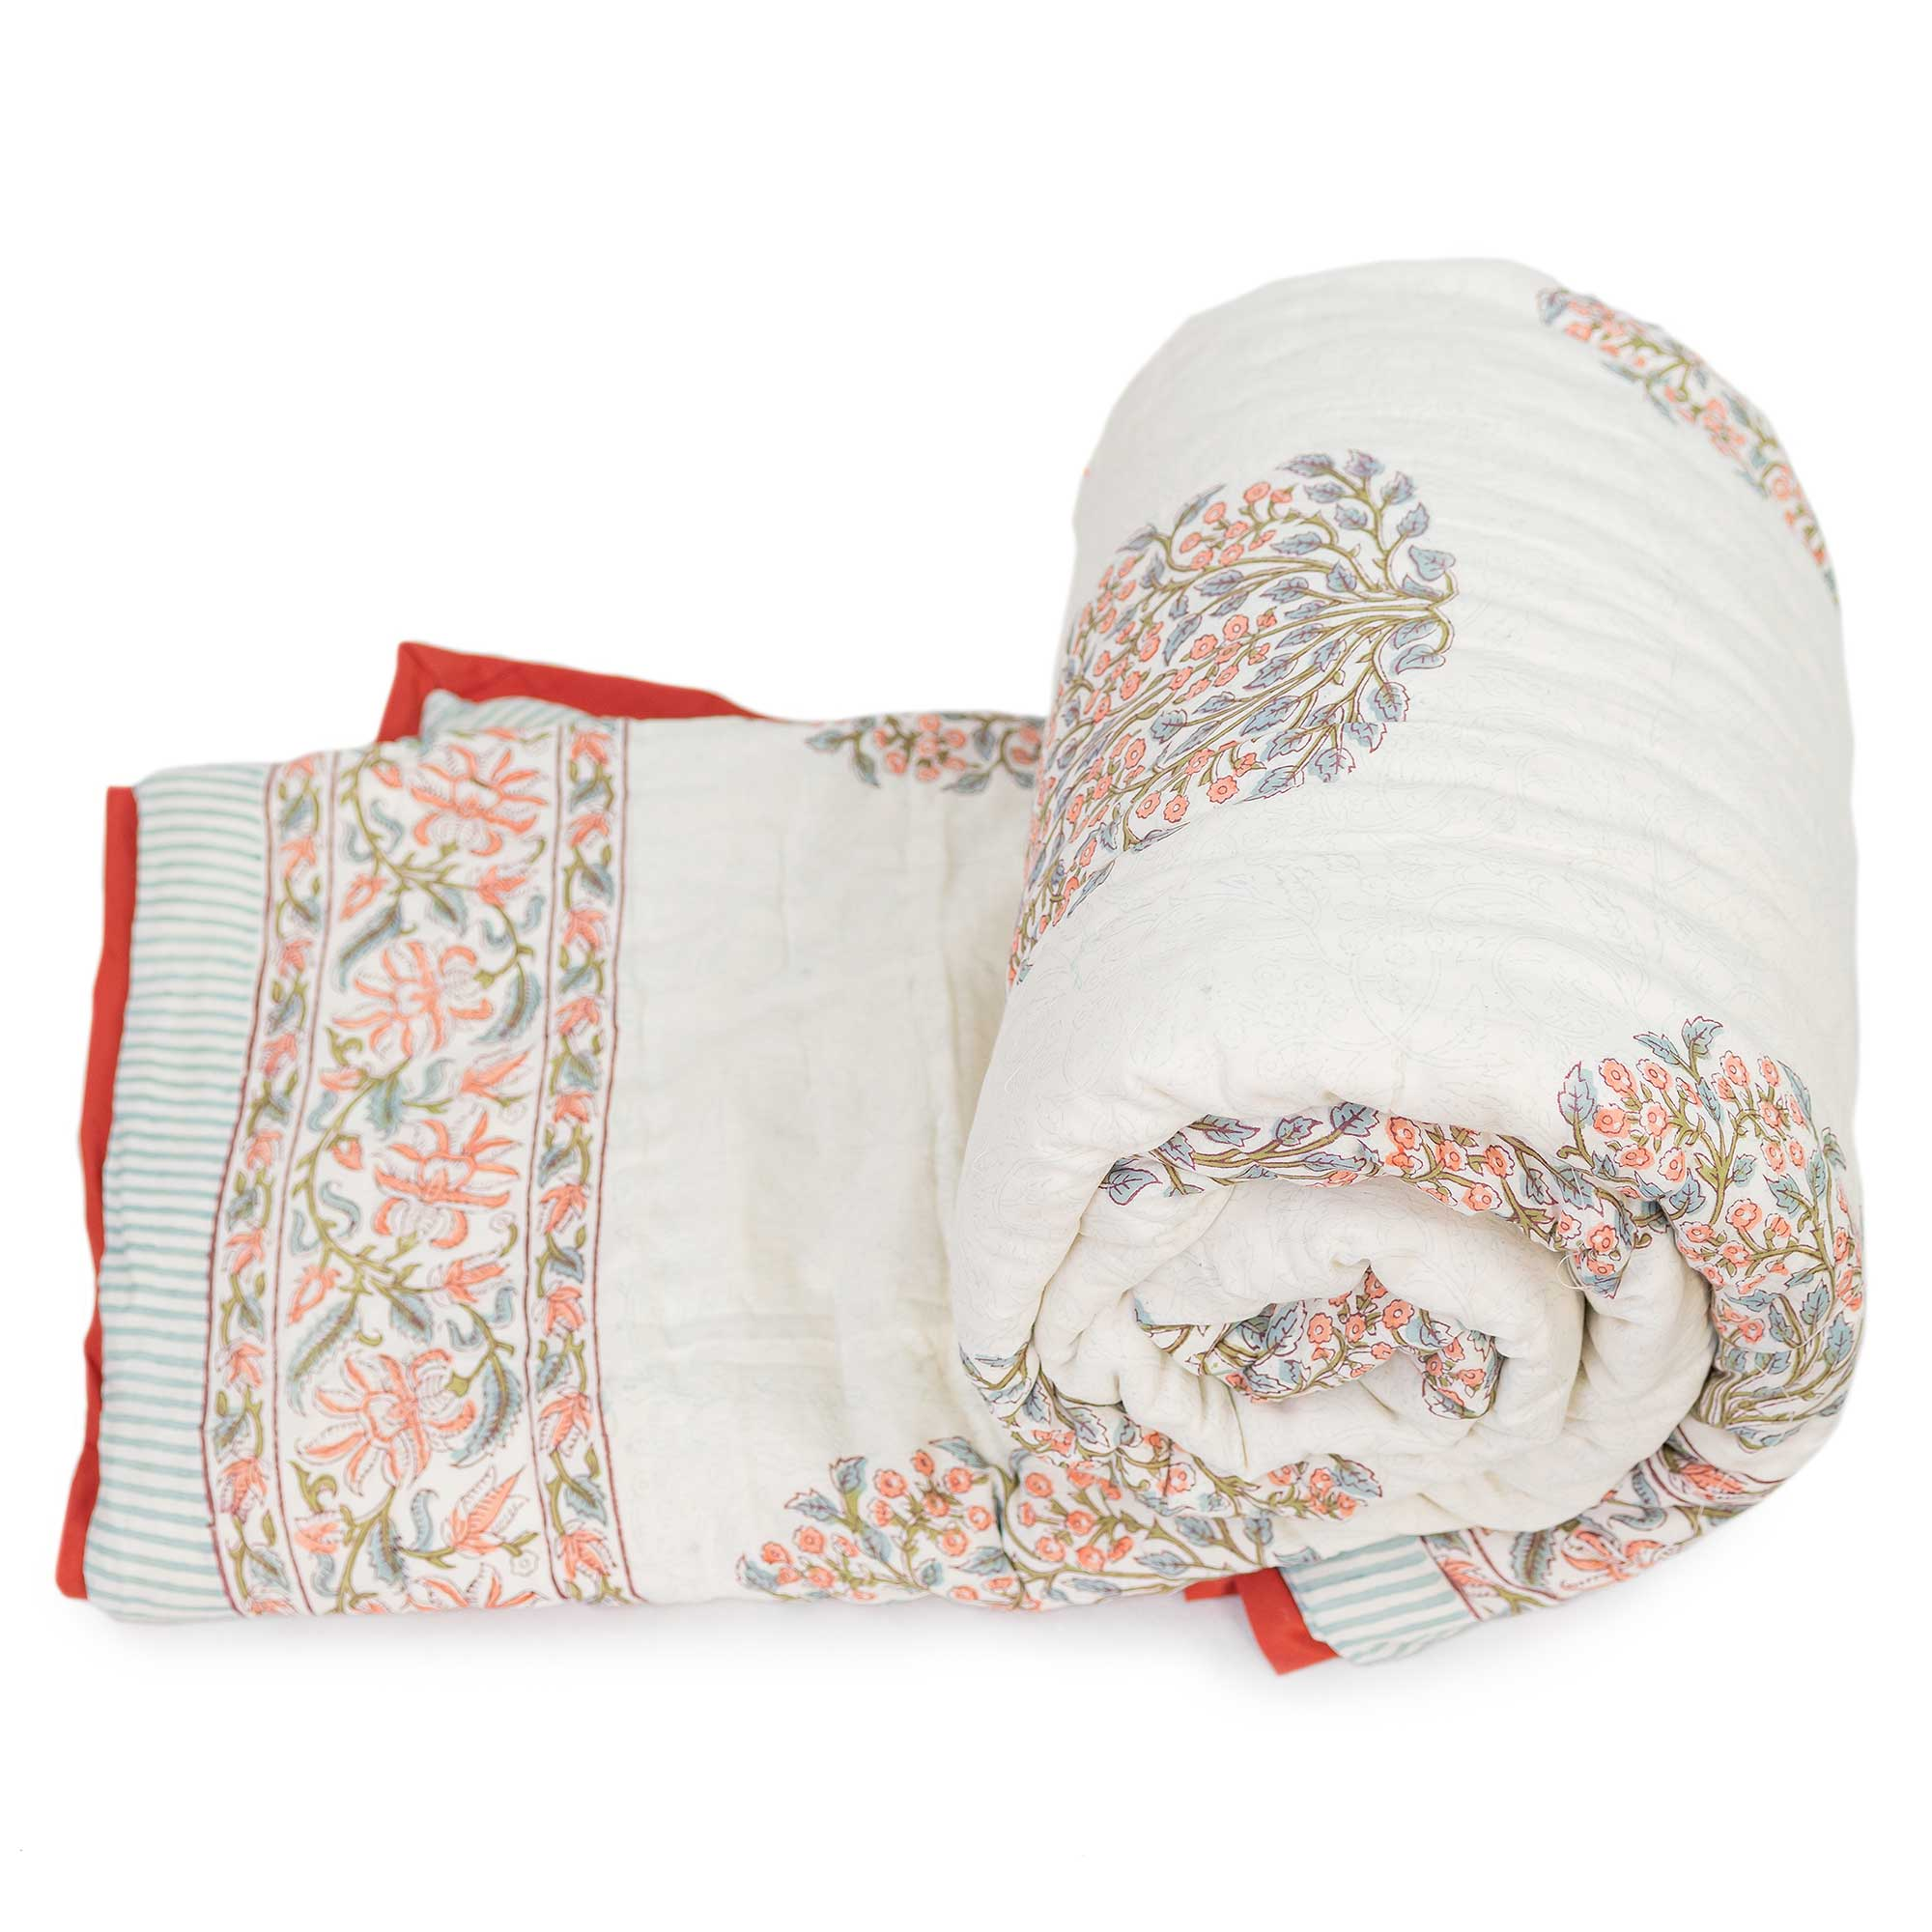 Tara-Textile - indische Decke - Kuscheldecke Priya